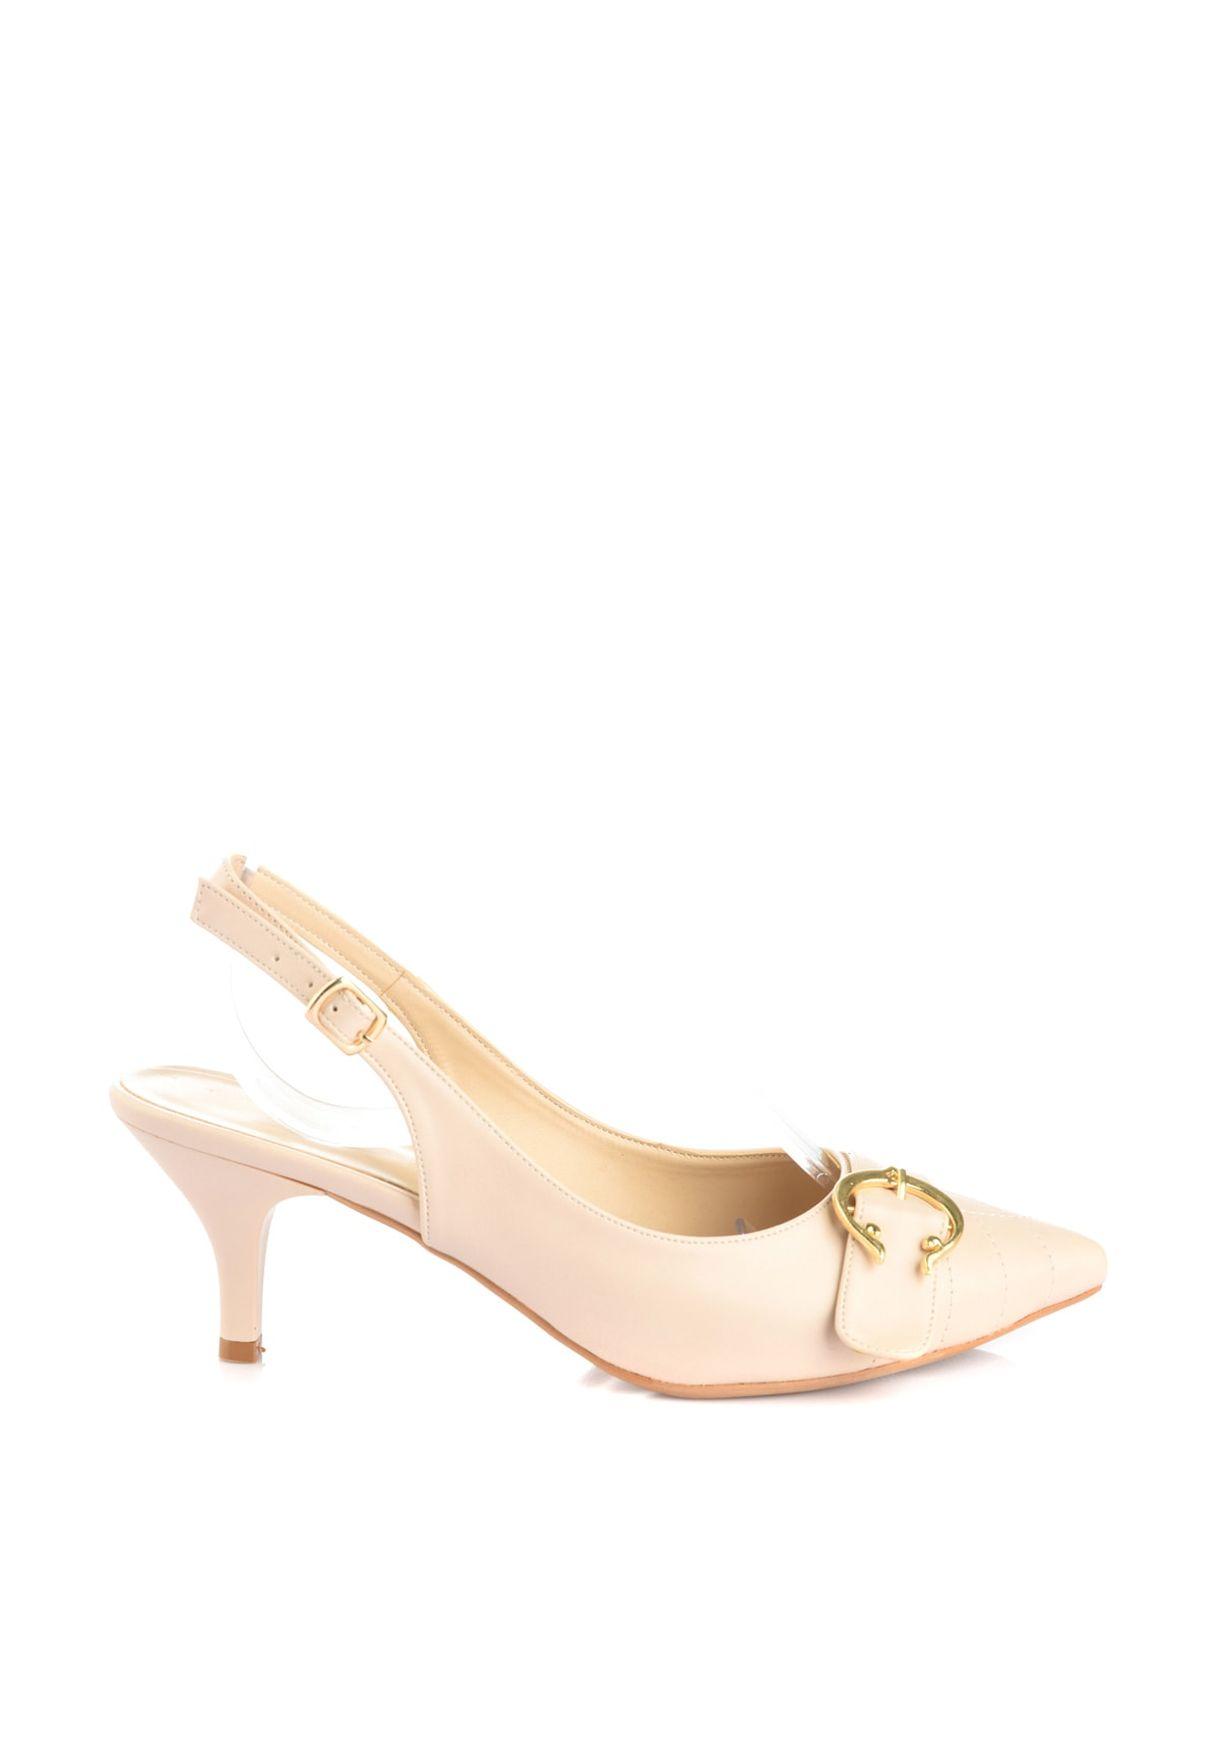 Trendyol Buckle Detail High Heel Pump - Brand Shoes